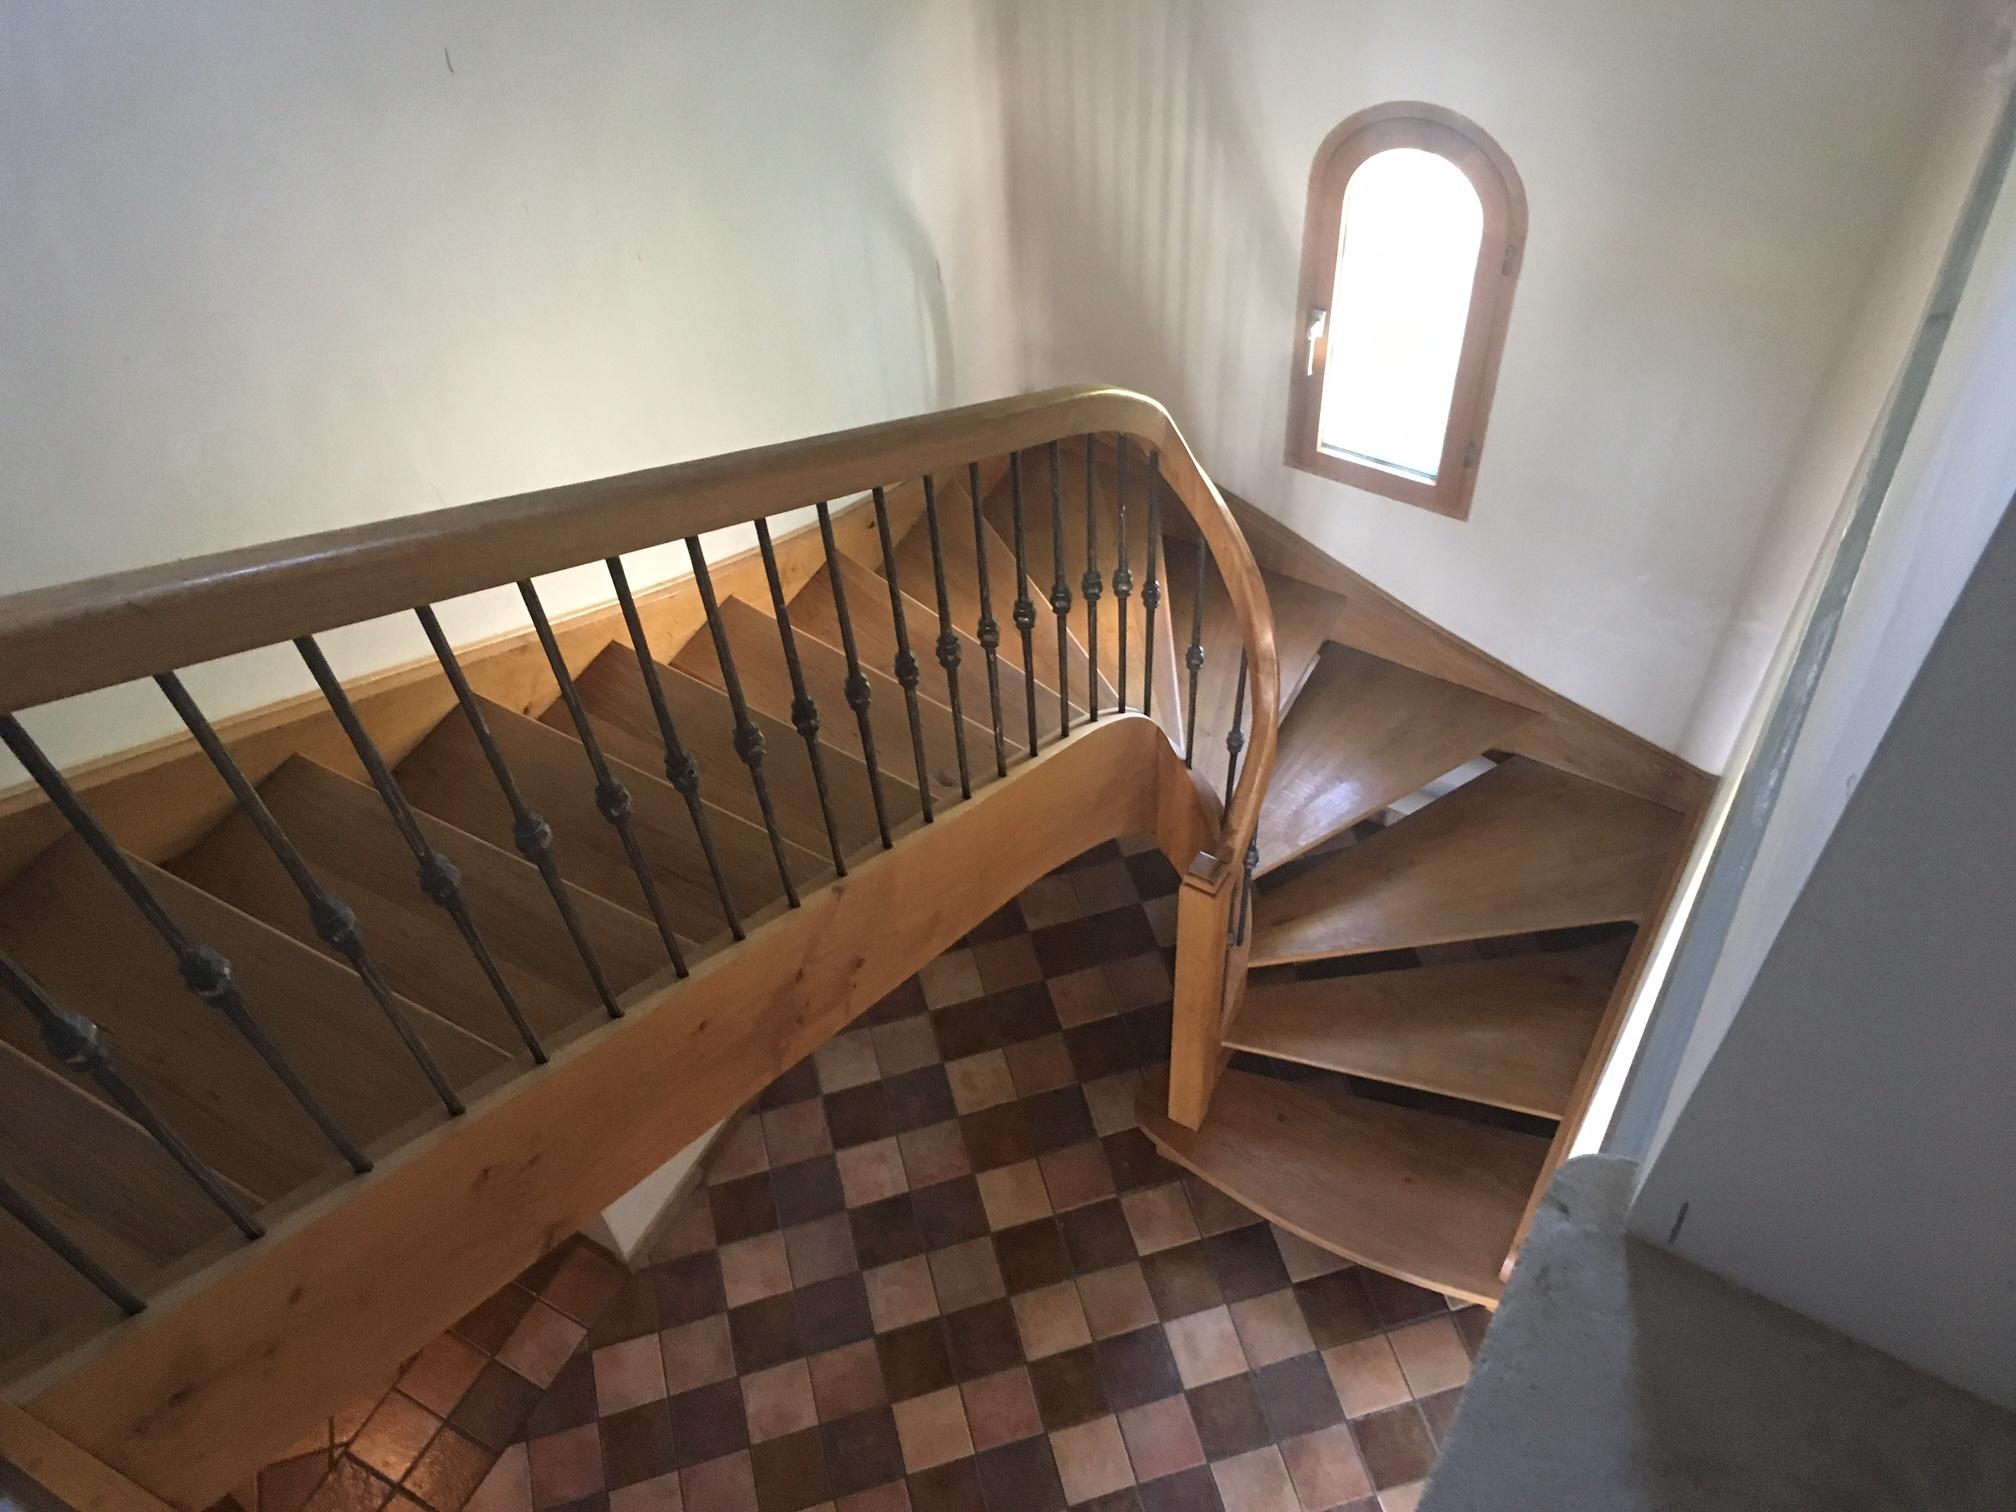 Conception et fabrication complète par notre client d'une rampe d'escalier bois et fer forgé  -  Réalisation à  partir de notre gamme de pièces détachées  . Localisation Charente-Maritime